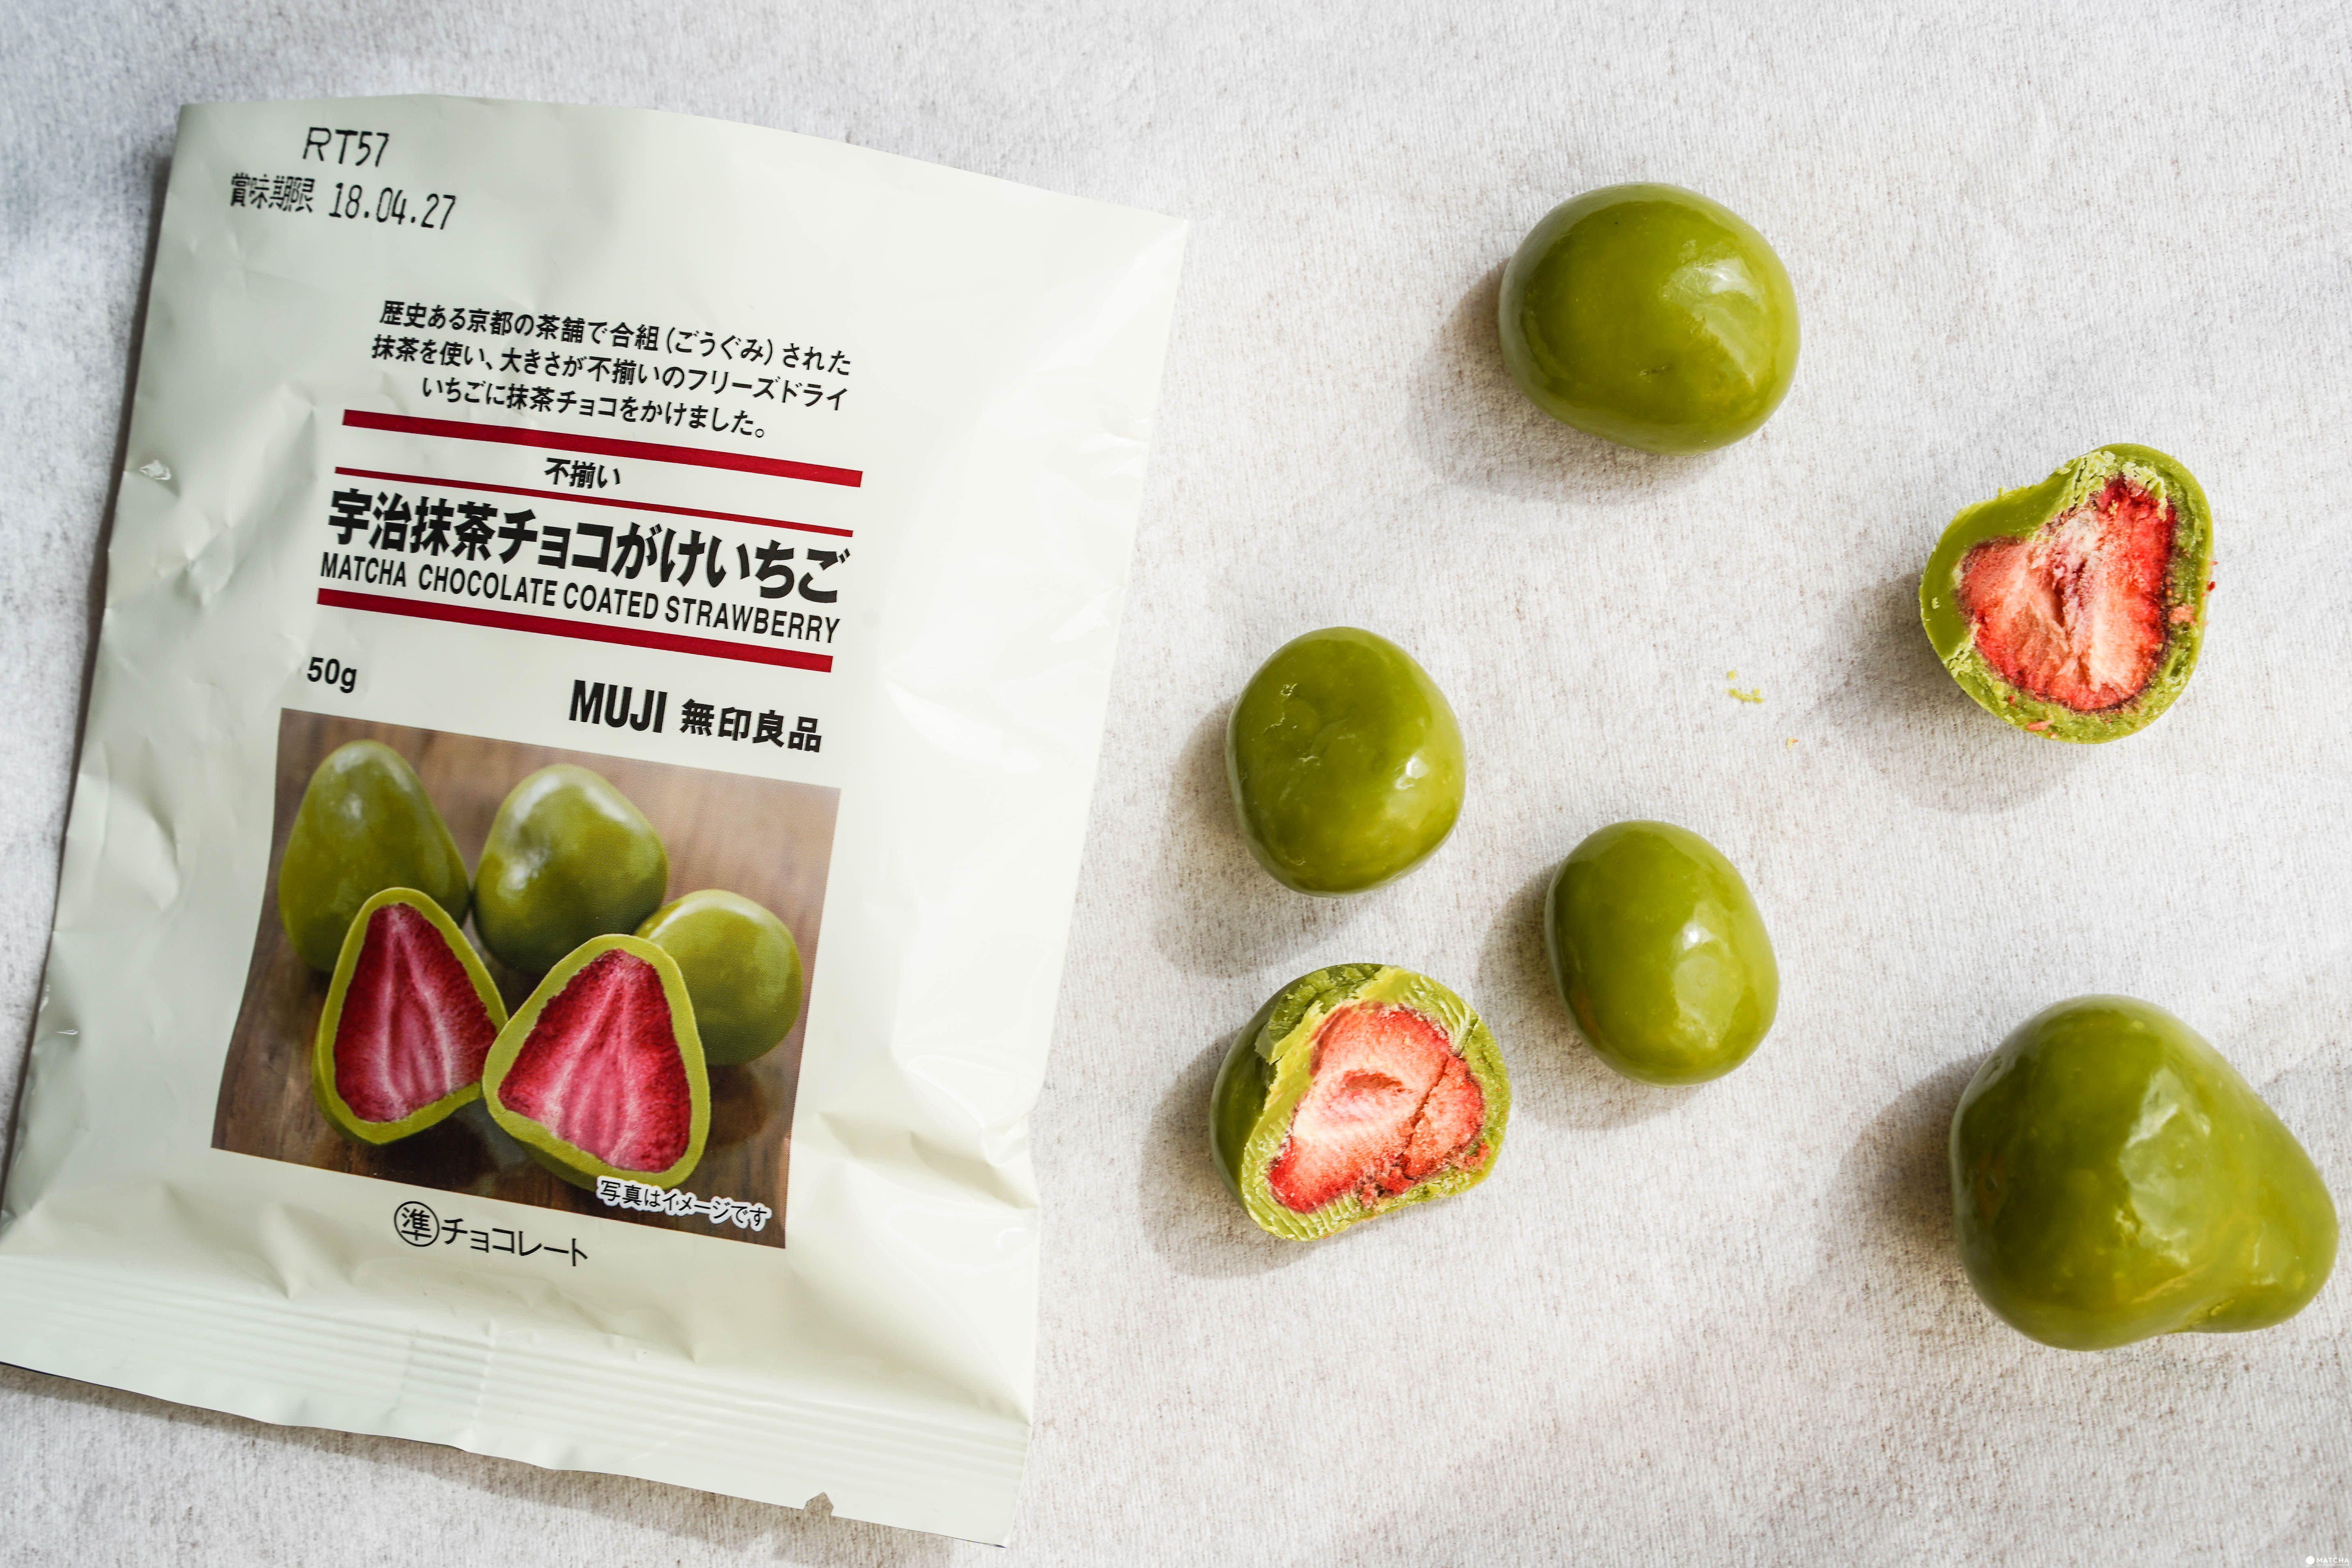 MUJI 無印良品抹茶草莓